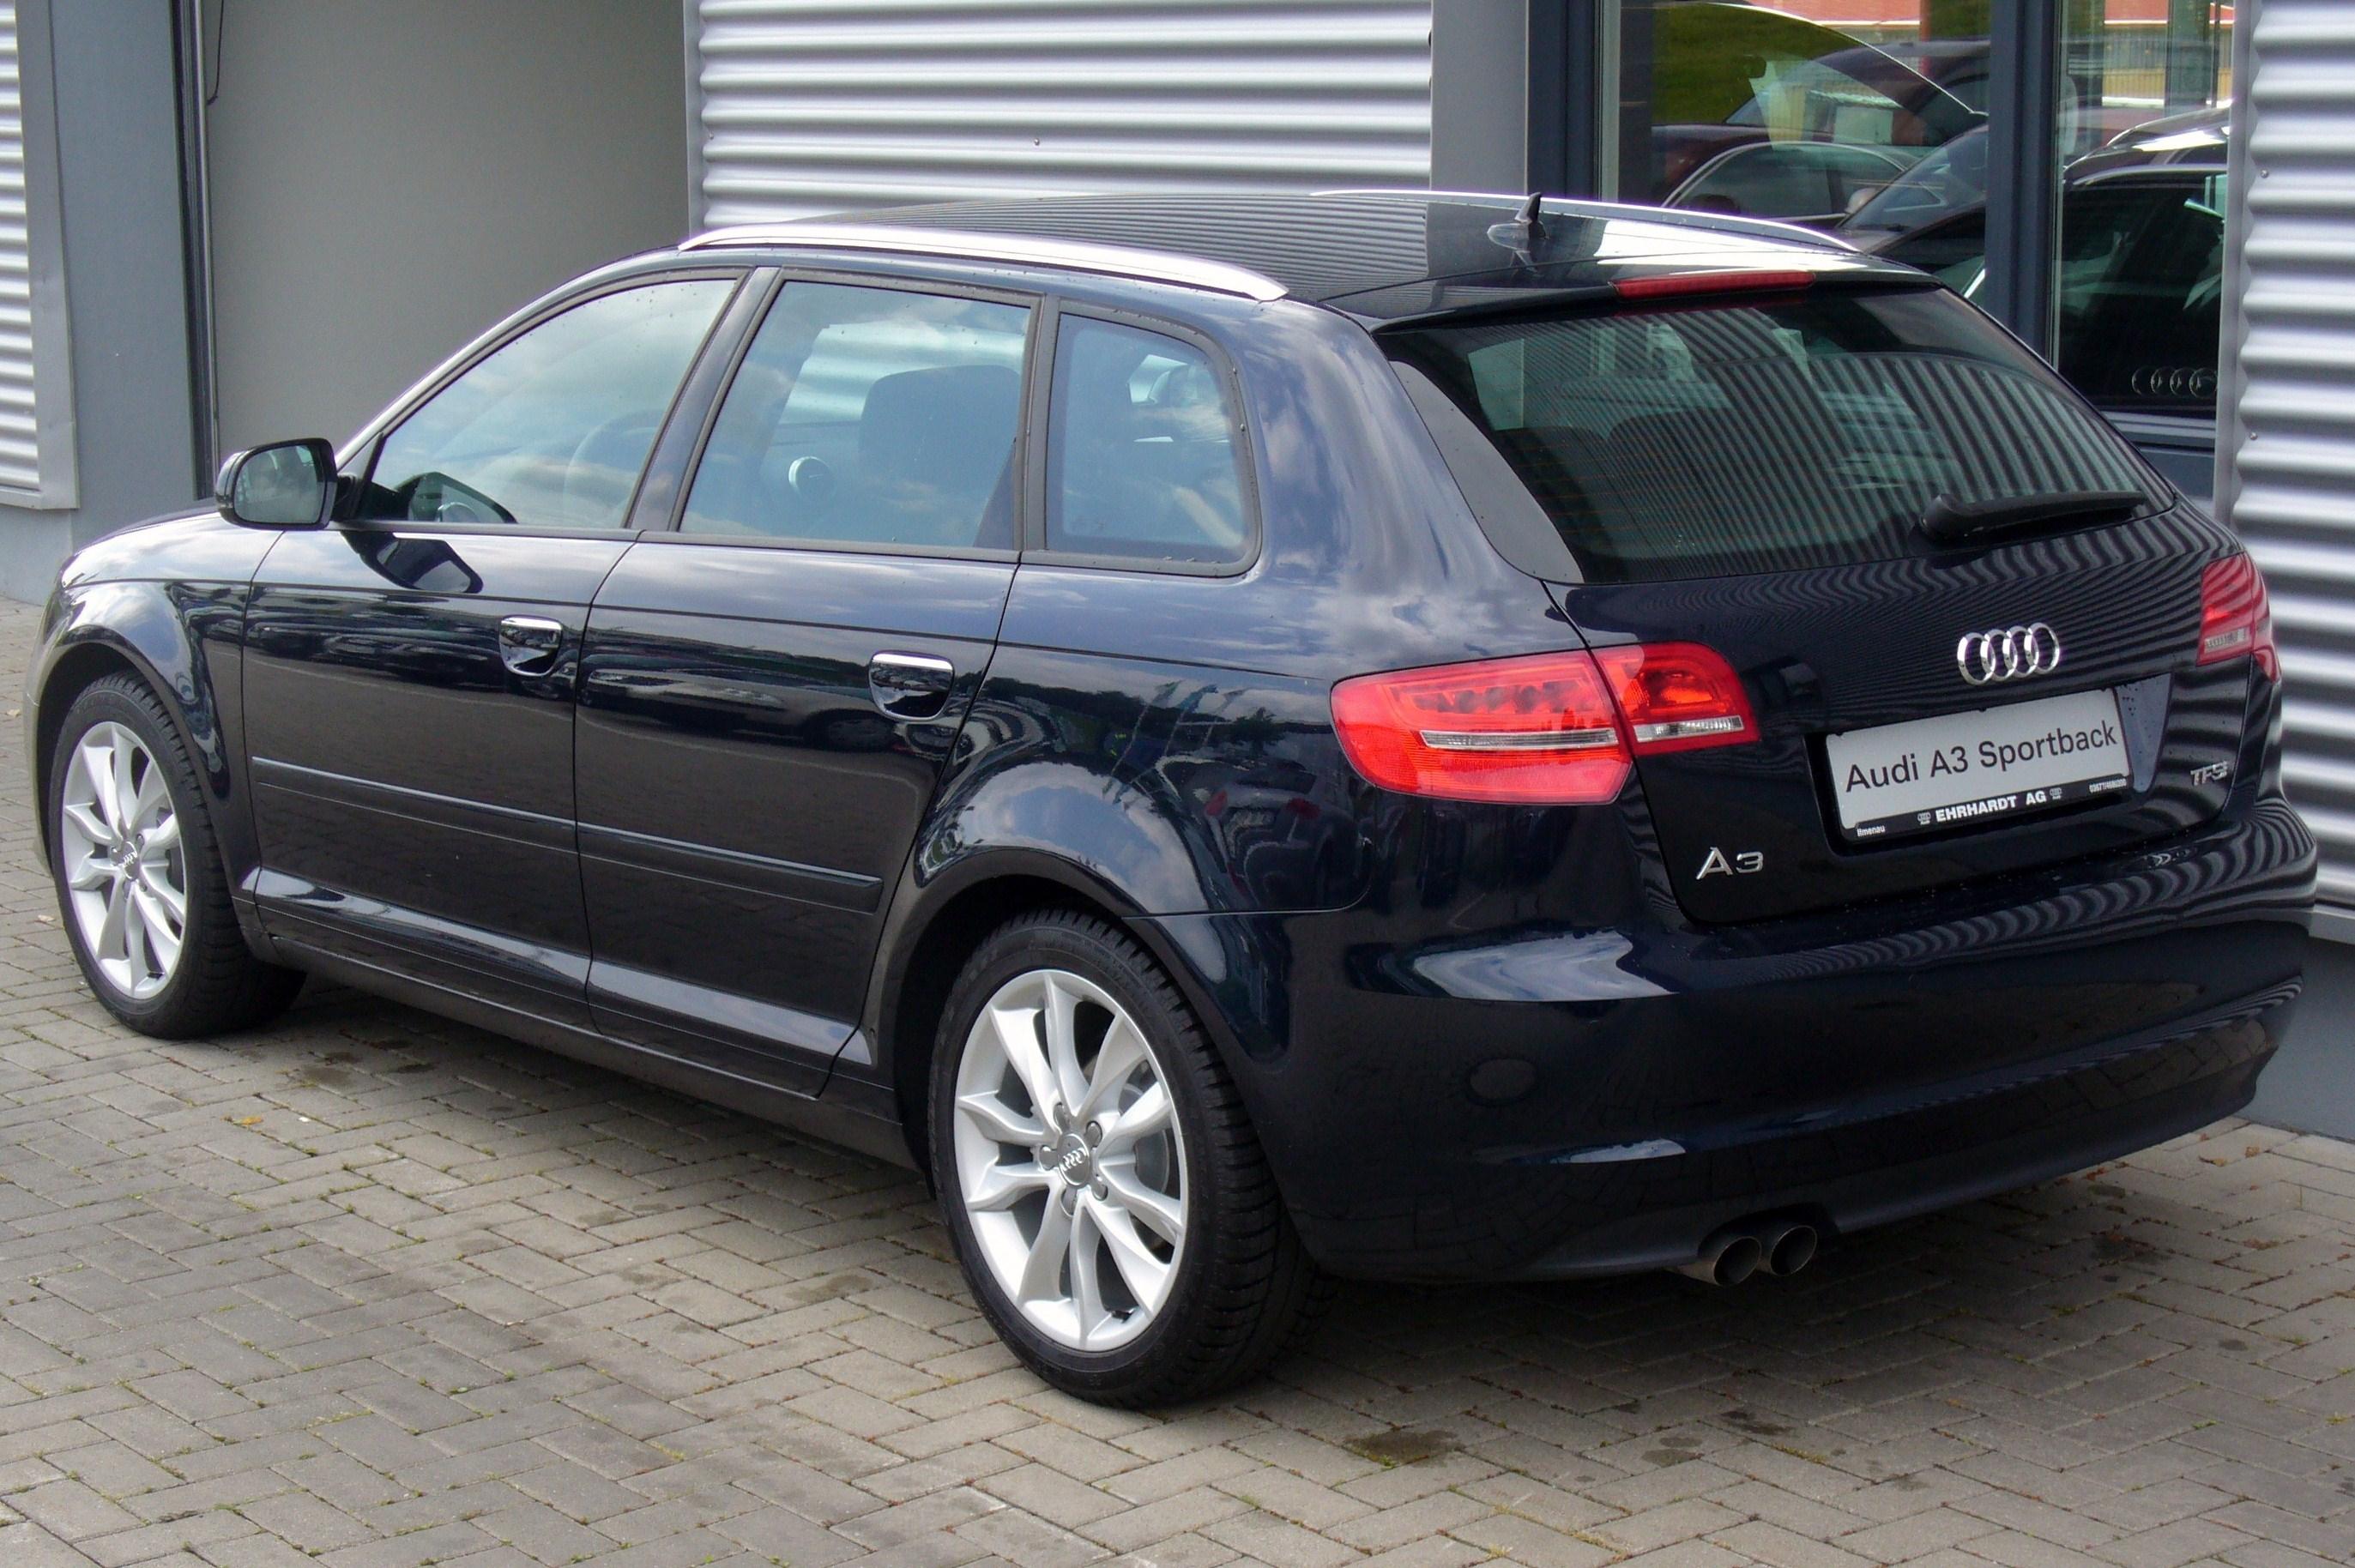 Audi a3 8v sportback wiki 11